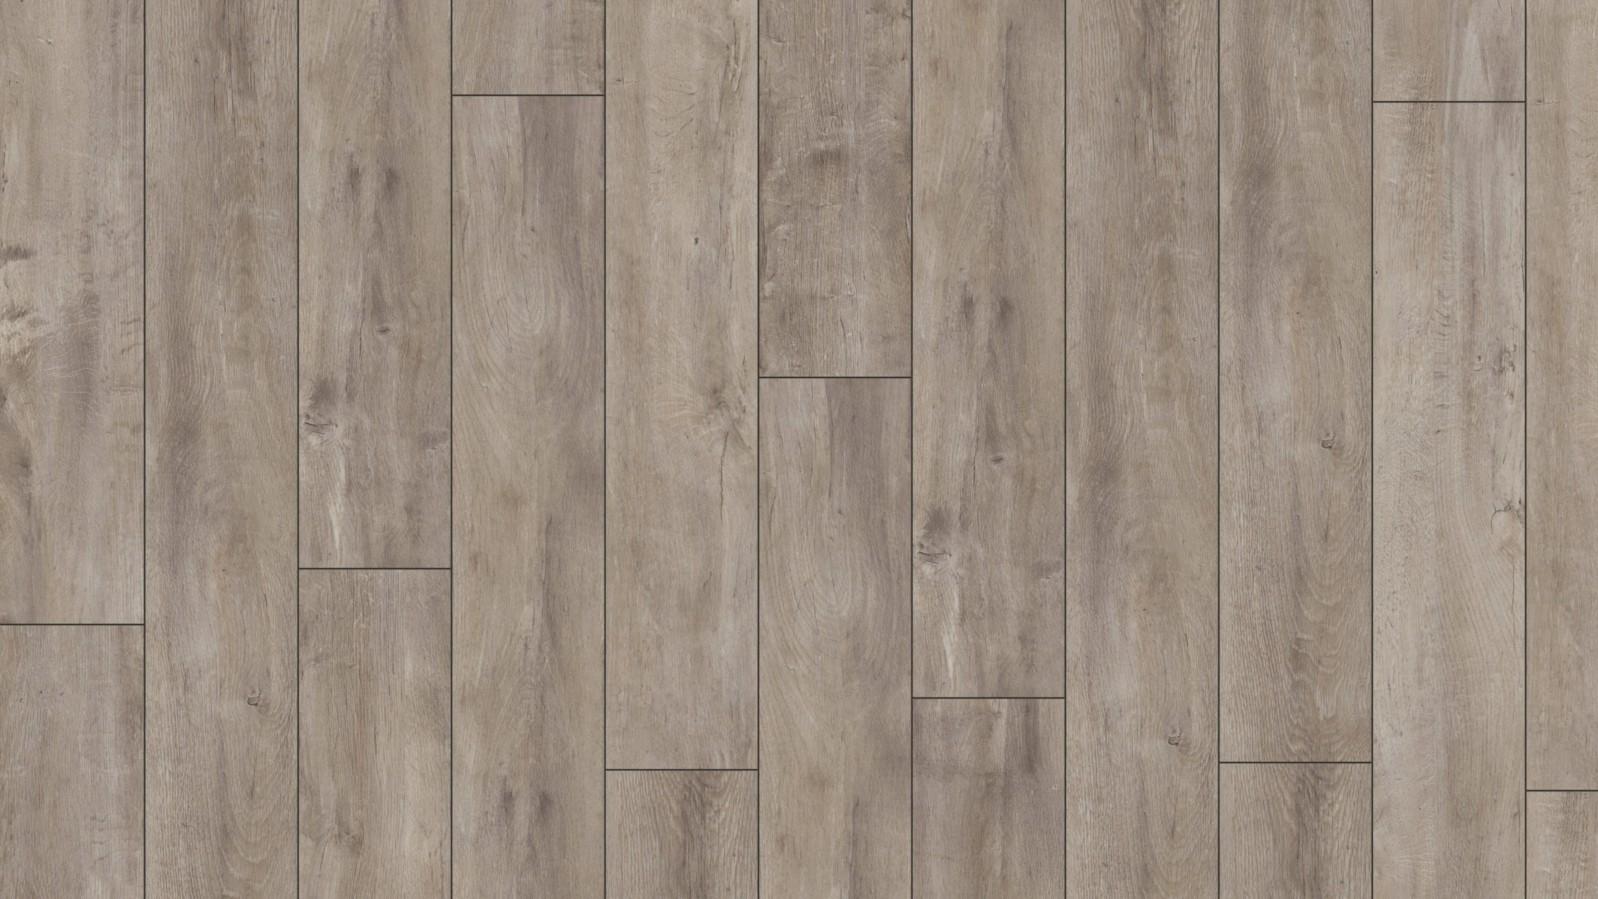 Kronotex Ламинат Exquisit D4985 Дуб восточный серый